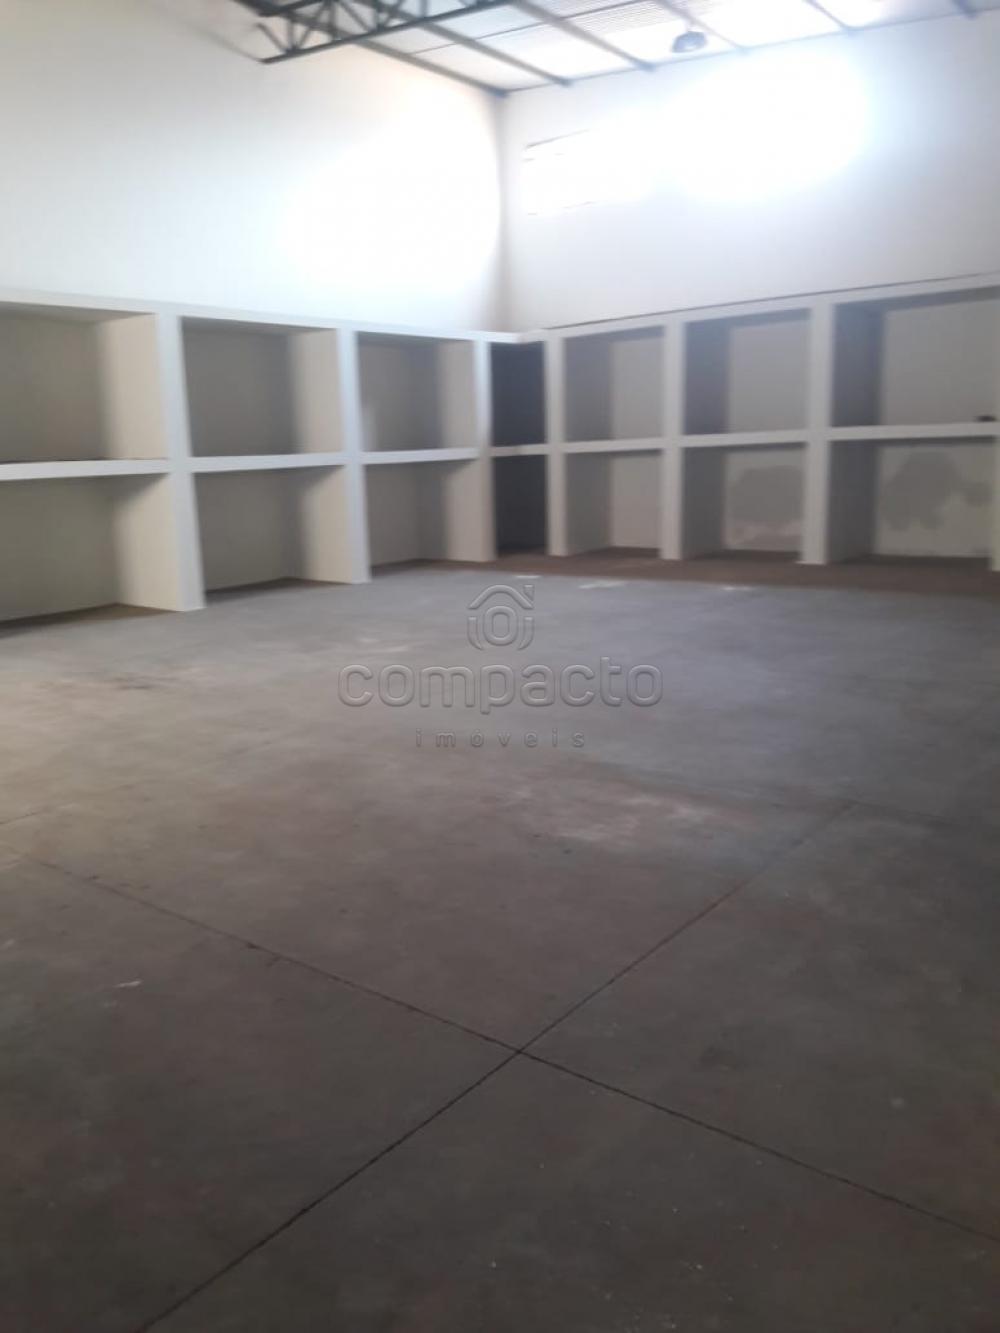 Alugar Comercial / Barracão em São José do Rio Preto apenas R$ 5.900,00 - Foto 11